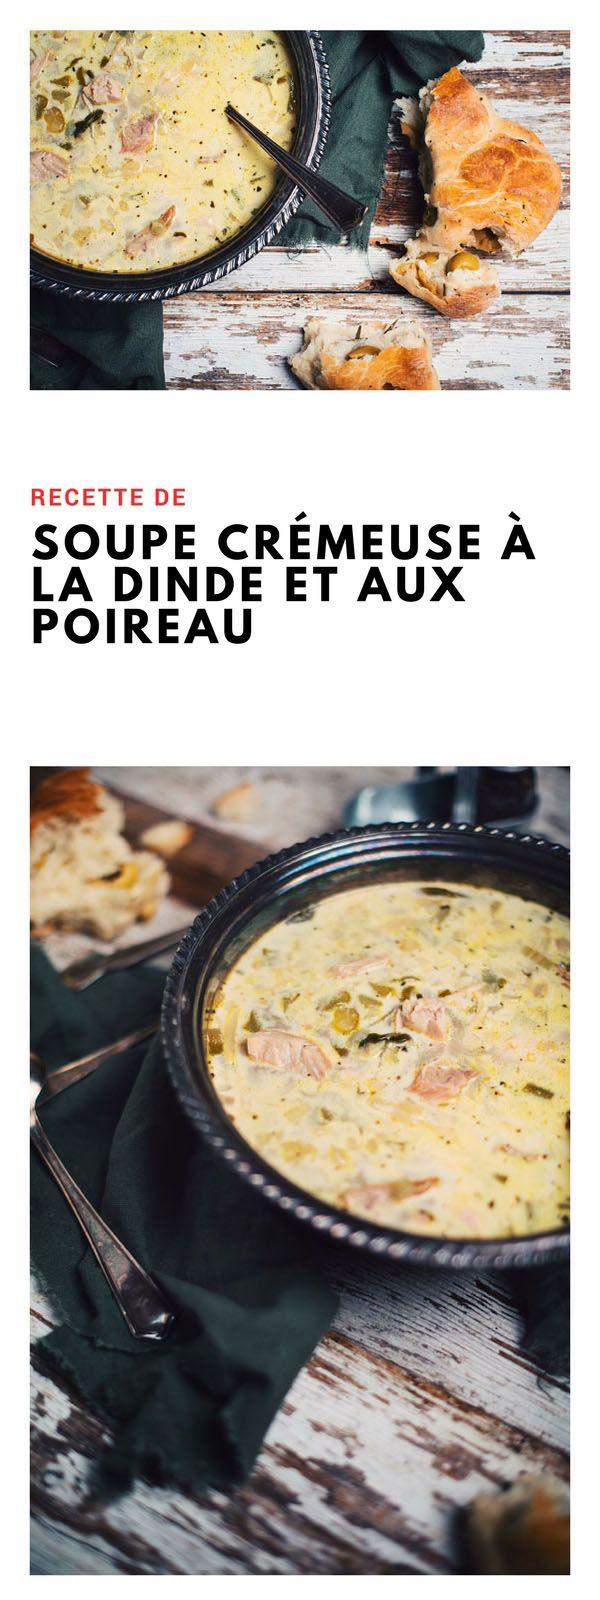 #soupe #crémeuse #dinde #poireau